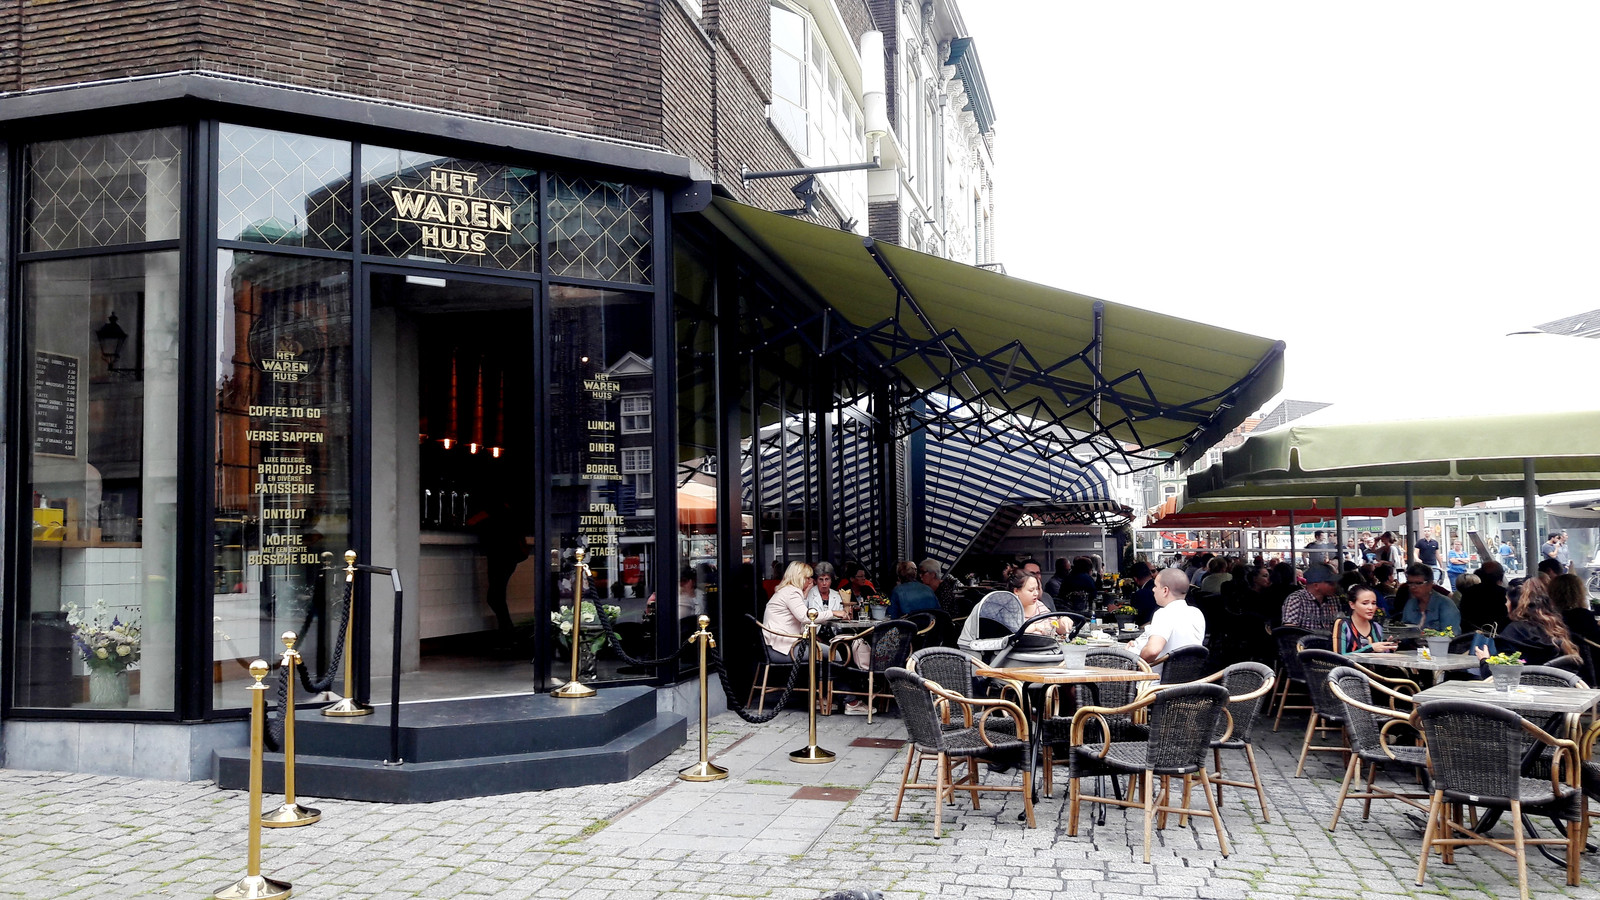 Stadsbrasserie Het Warenhuis aan de Markt in Den Bosch